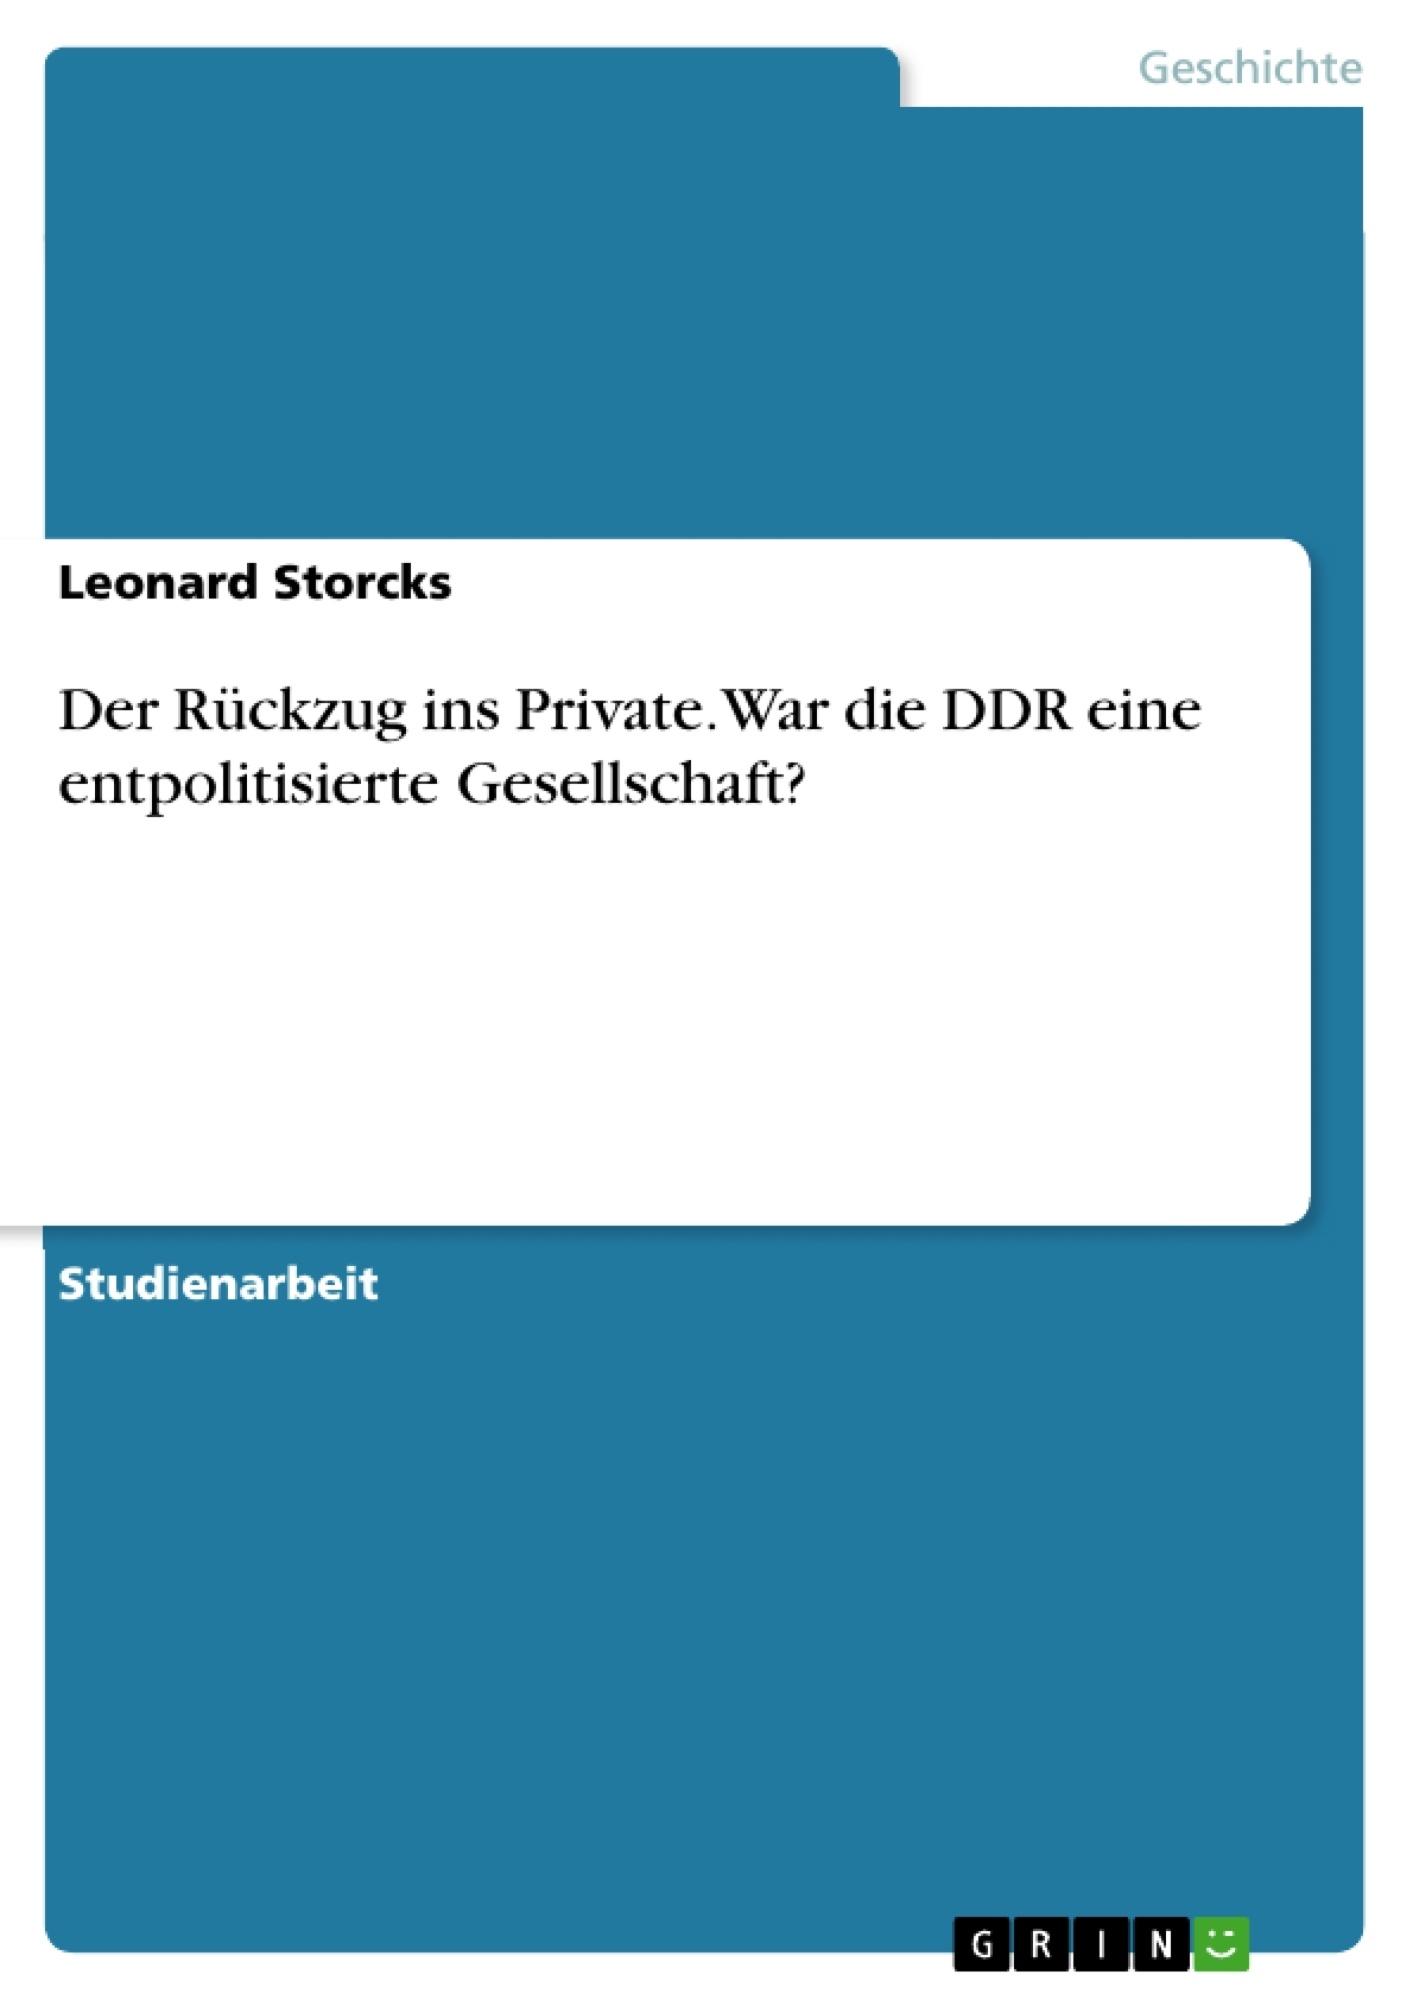 Titel: Der Rückzug ins Private. War die DDR eine entpolitisierte Gesellschaft?